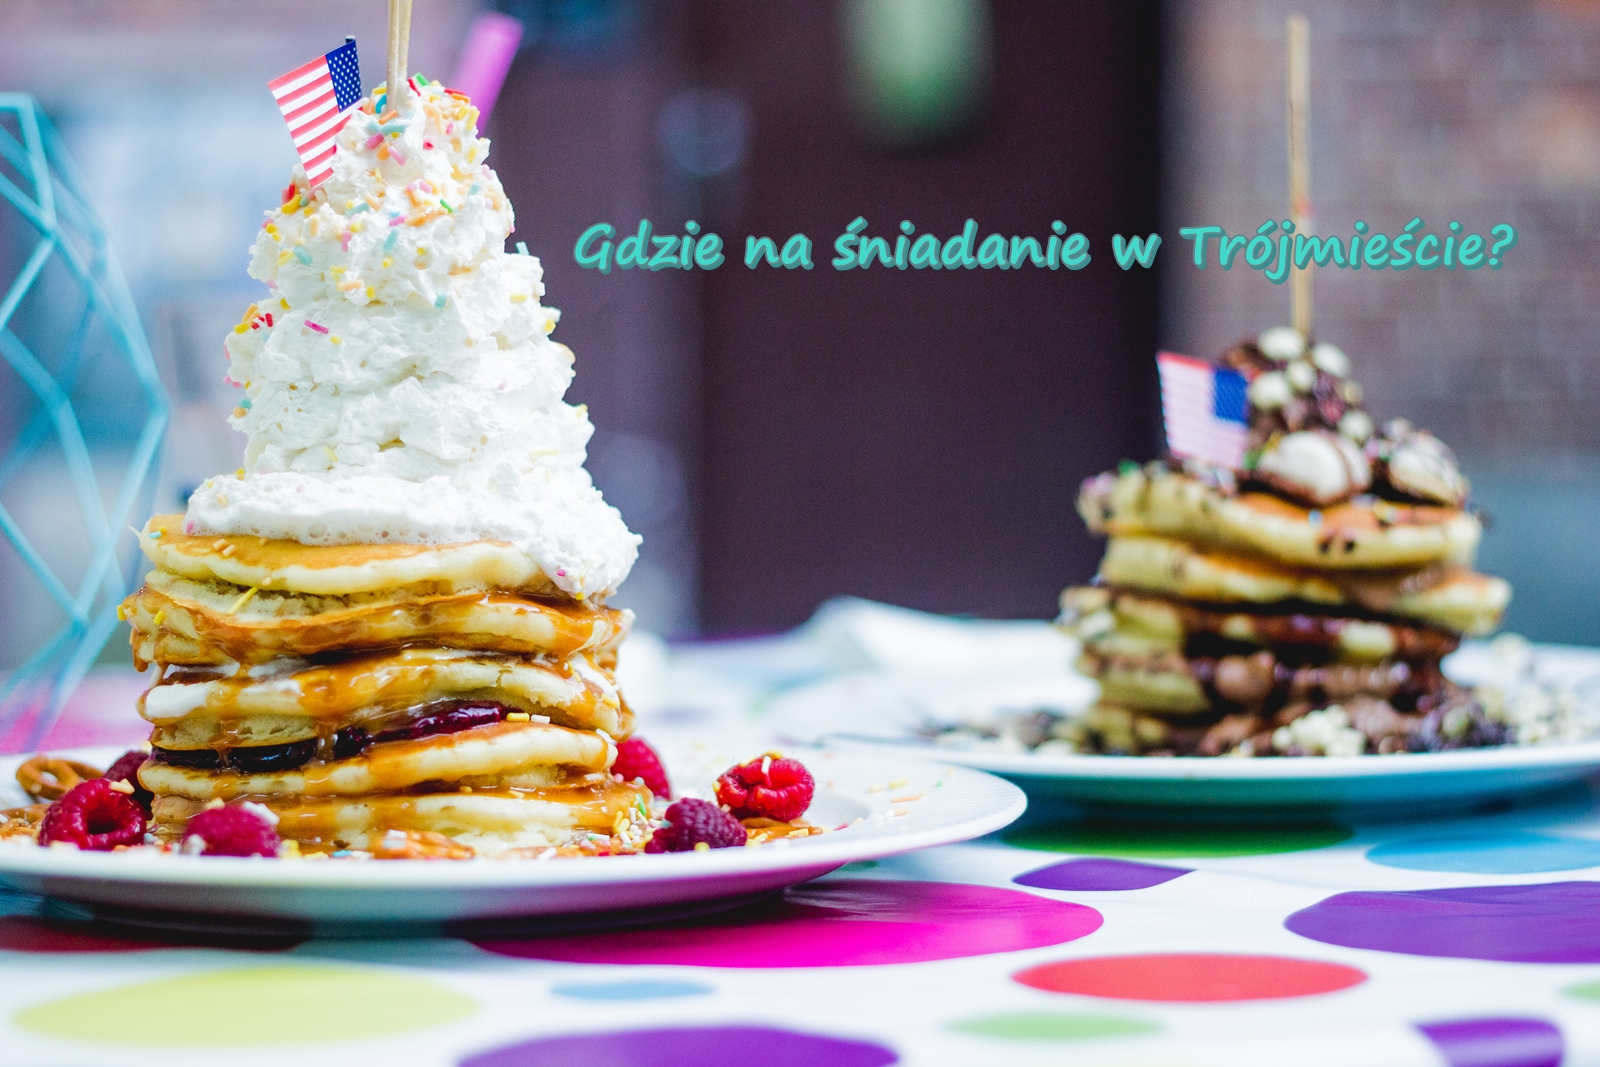 Gdzie na śniadanie w Trójmieście? Yummy Gdańsk